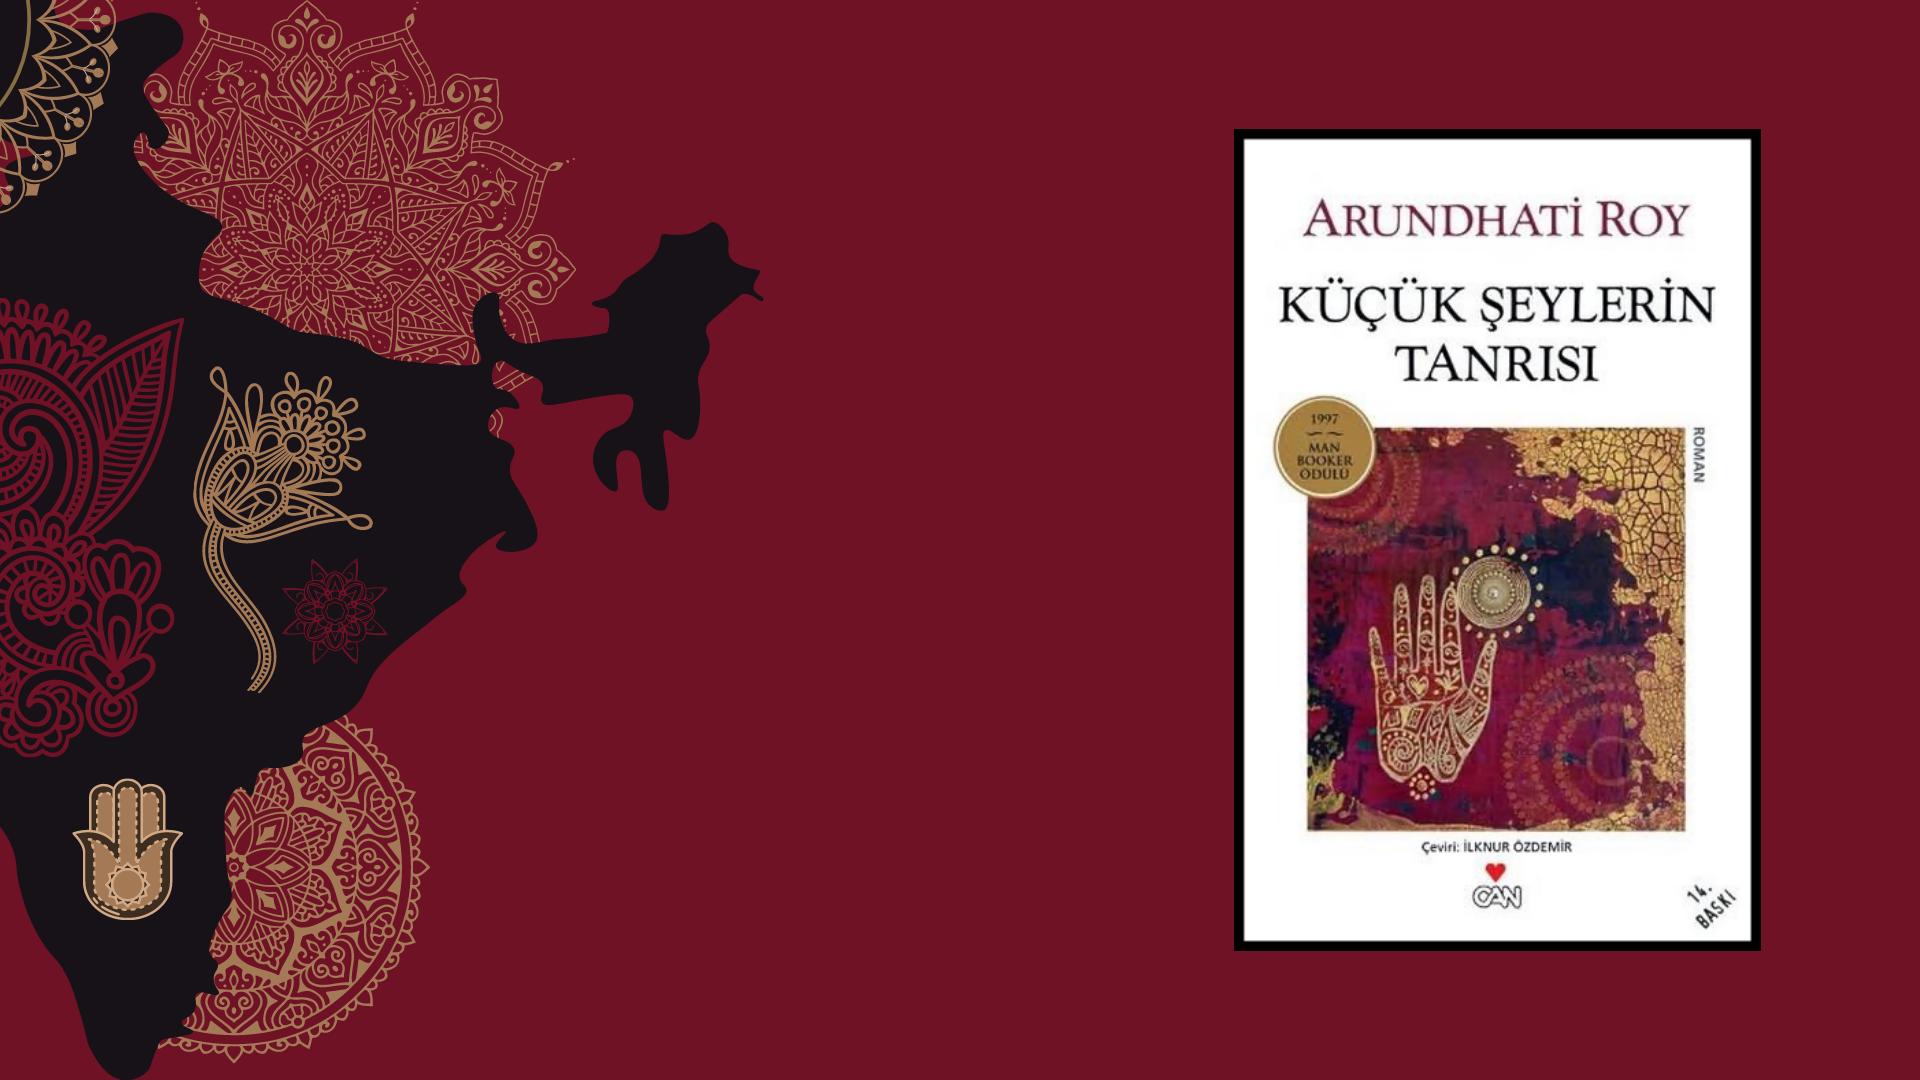 Kitap: Küçük Şeylerin Tanrısı | Yazar: Arundhati Roy | Yorumlayan: Hülya Erarslan